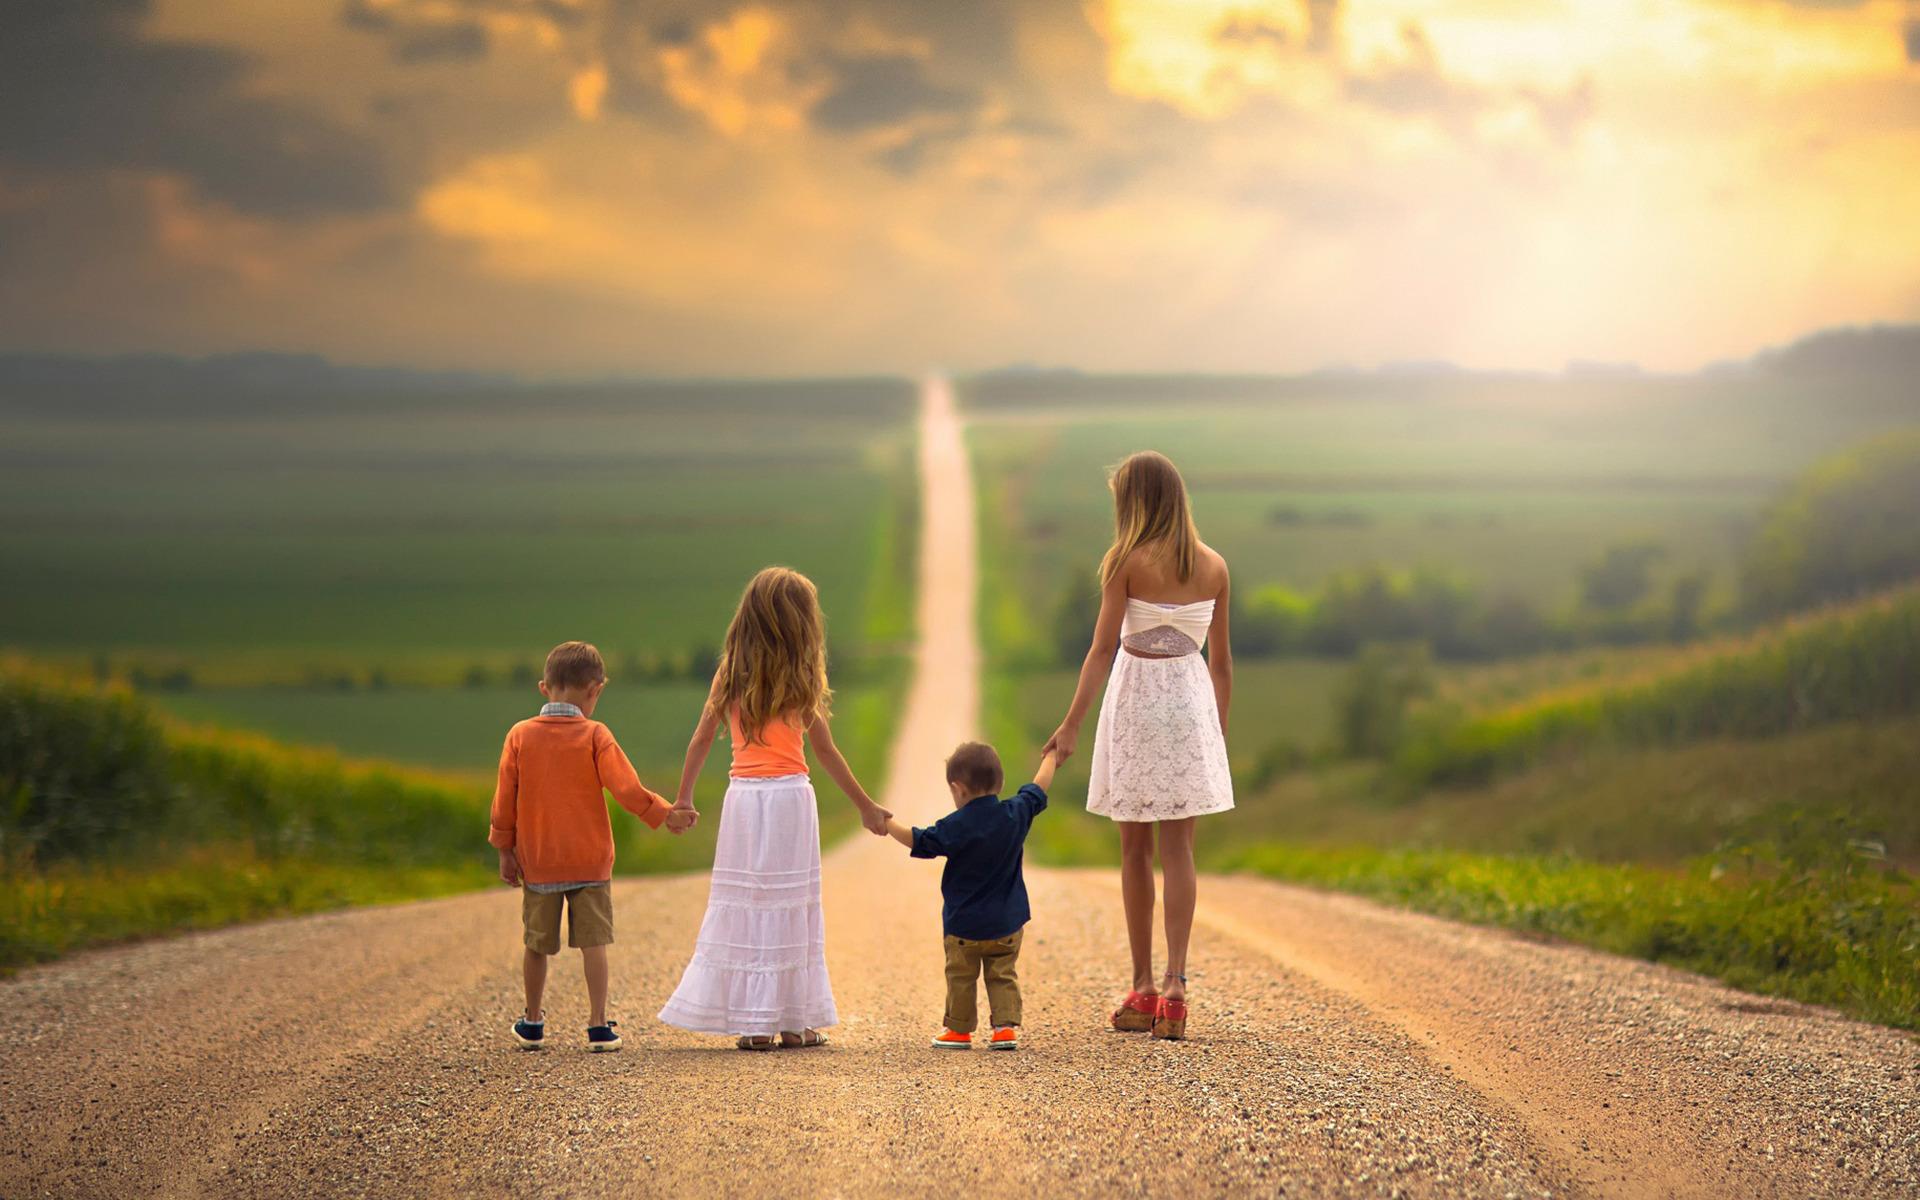 Картинки про семейное счастье со смыслом прикольные